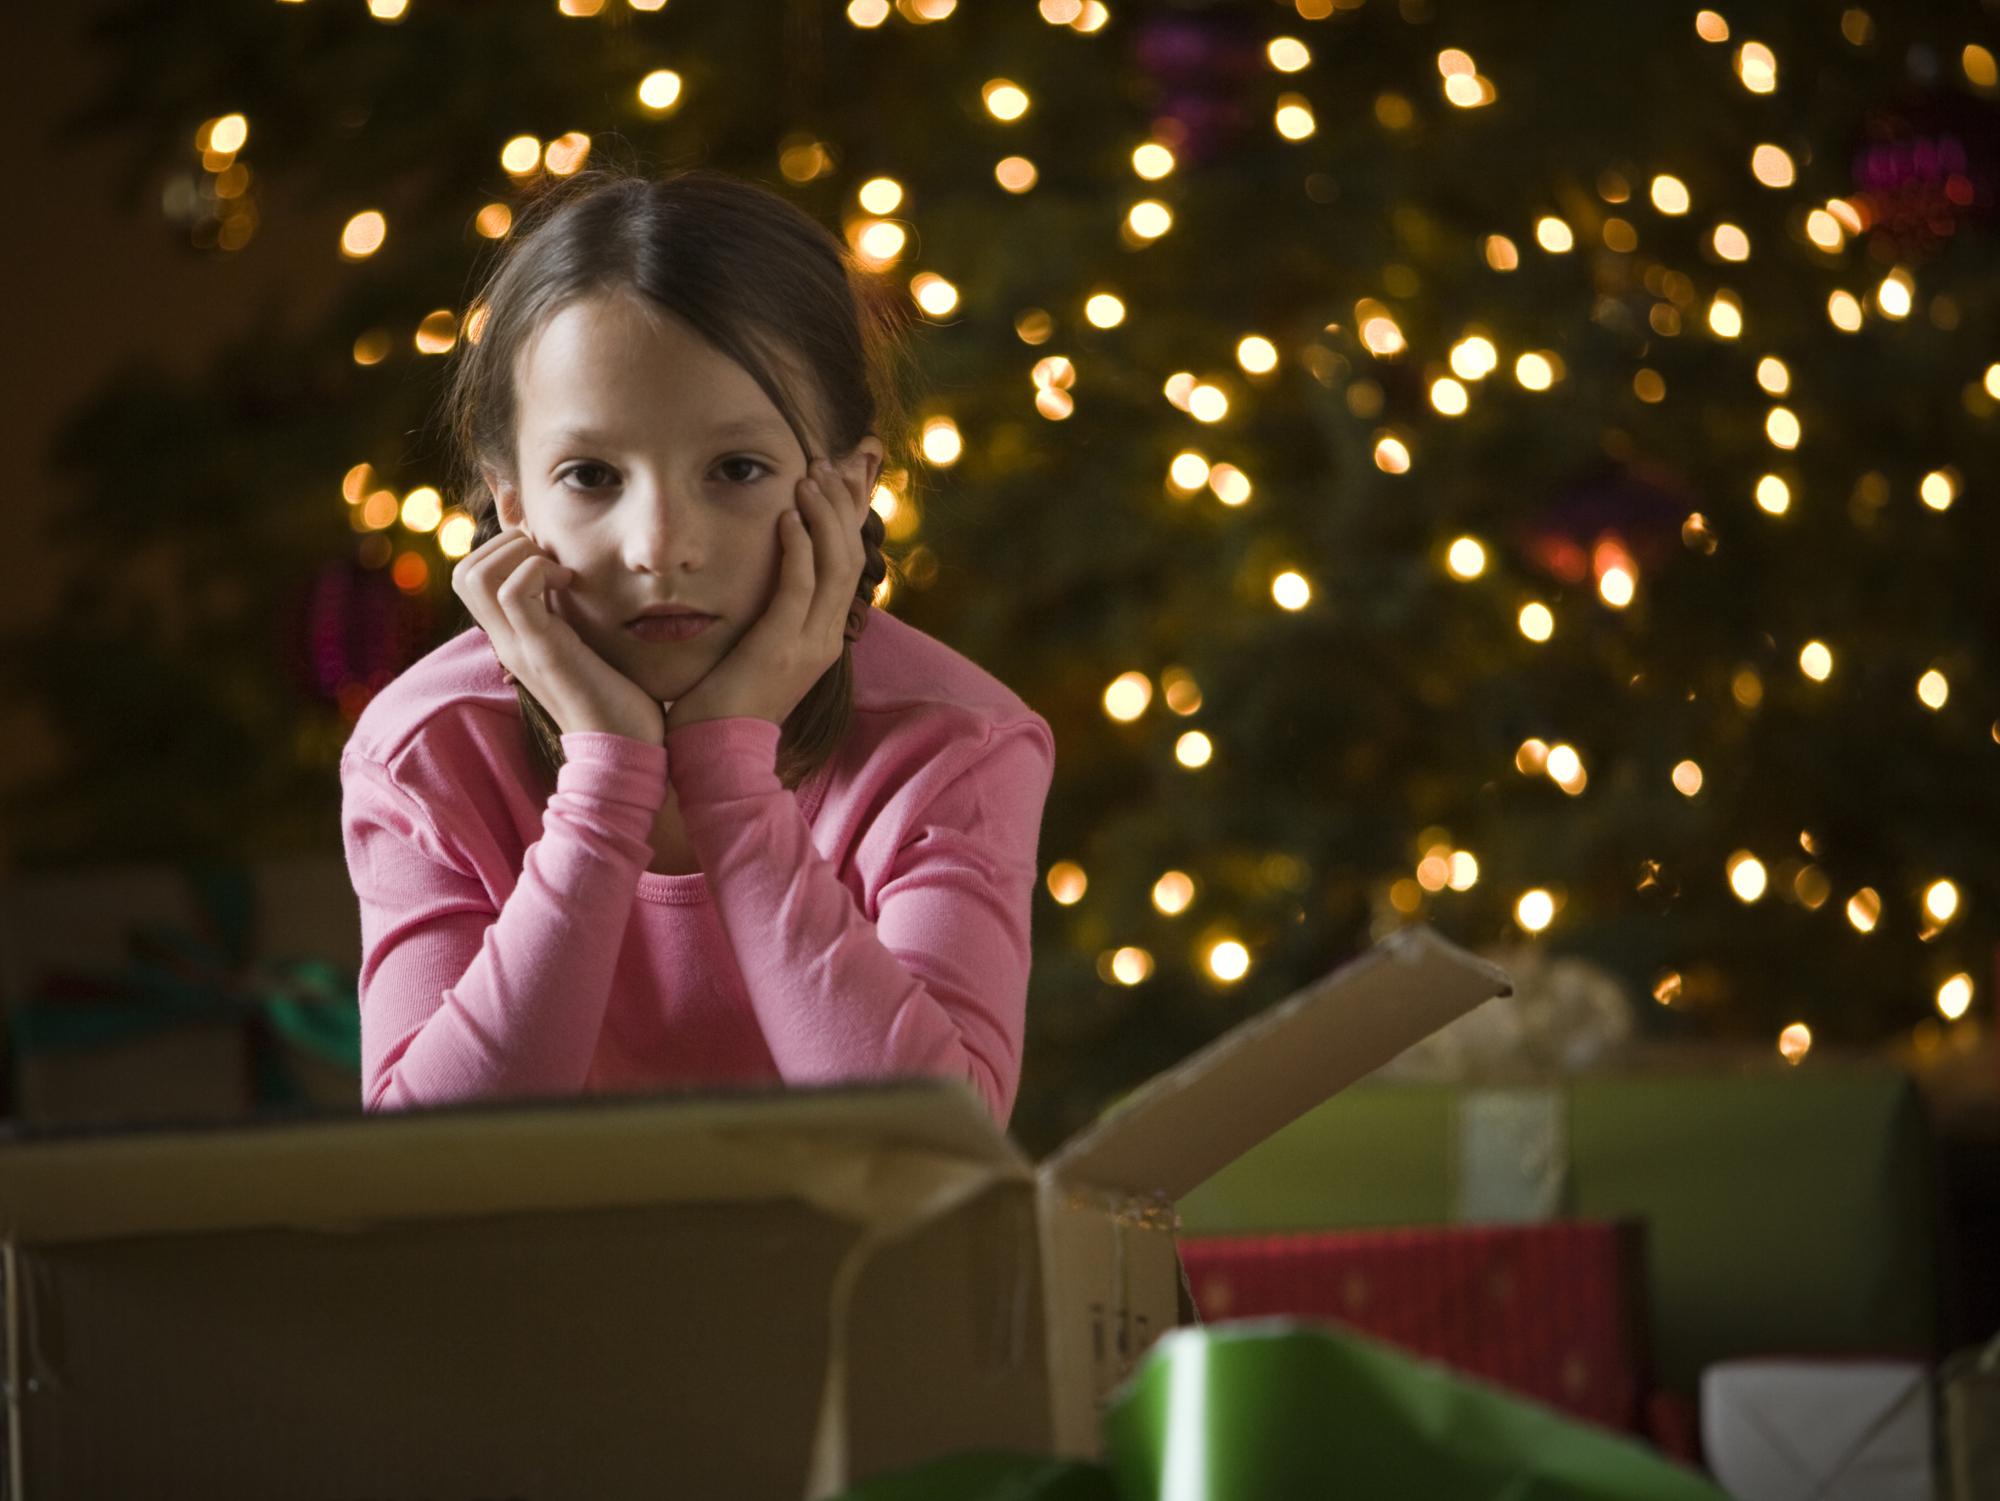 Come Dire Che Babbo Natale Non Esiste.Come Dire Ai Bambini Che Babbo Natale Non Esiste Roba Da Mamme